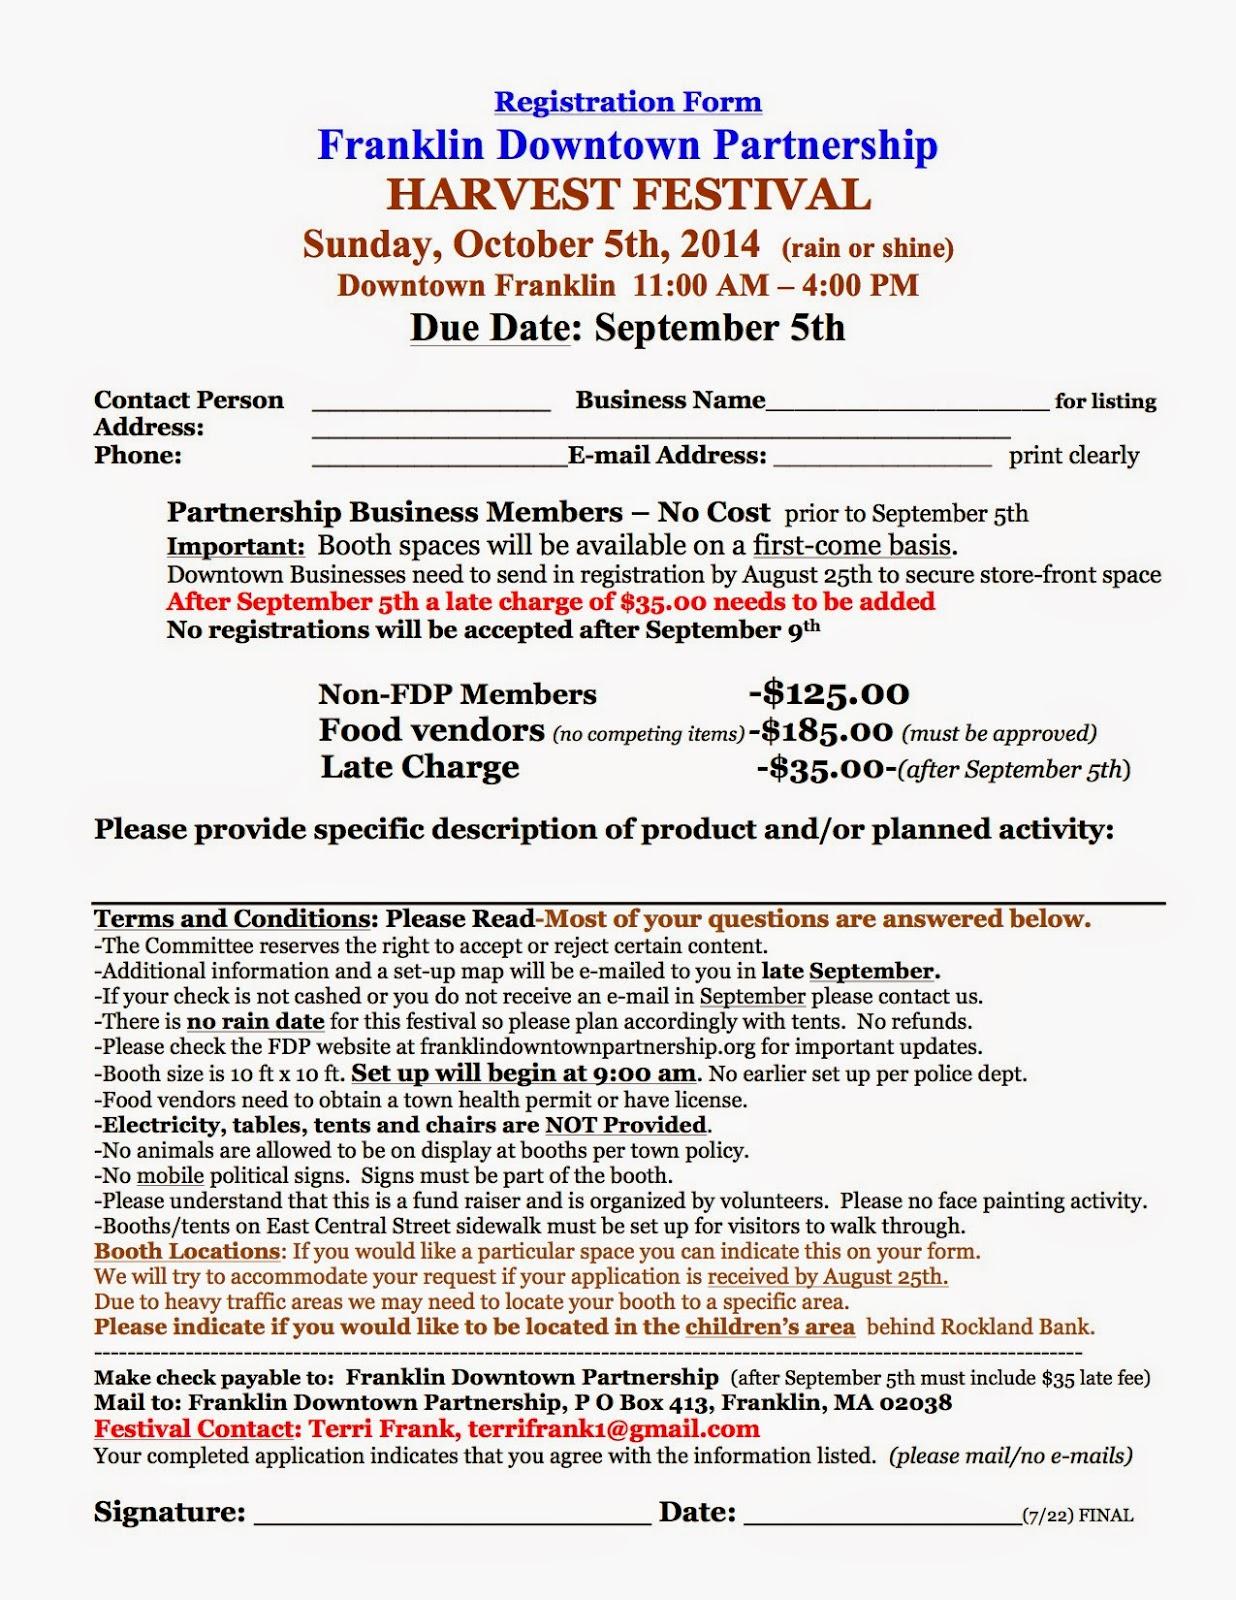 Franklin Downtown Partnership: 2014 Harvest Festival Registration Form